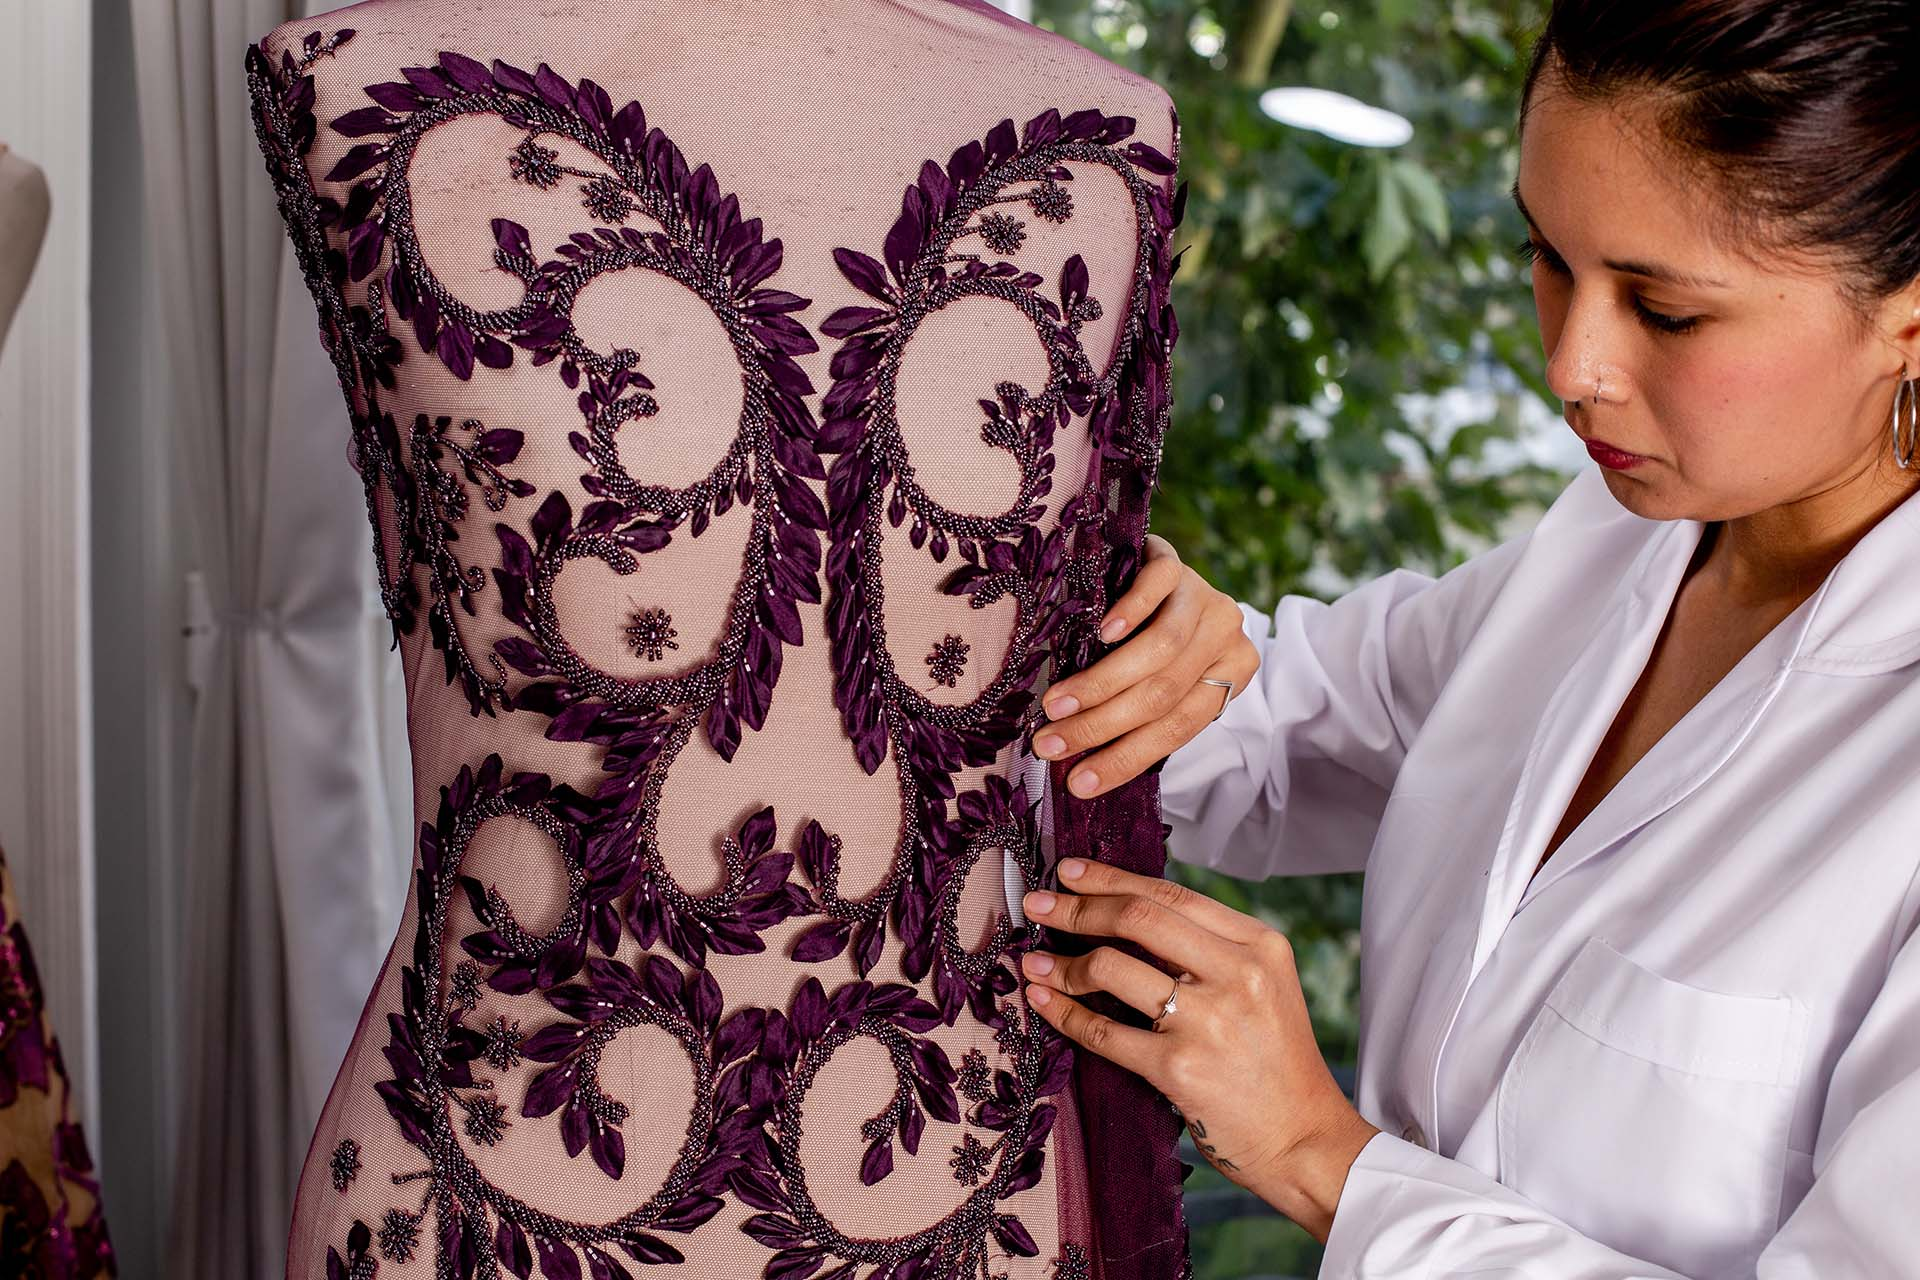 Otro modelo, parte de la última colección del diseñador. Aquí la costurera, realiza las mediciones de moldería sobre maniquí antes de efectuar el corte.